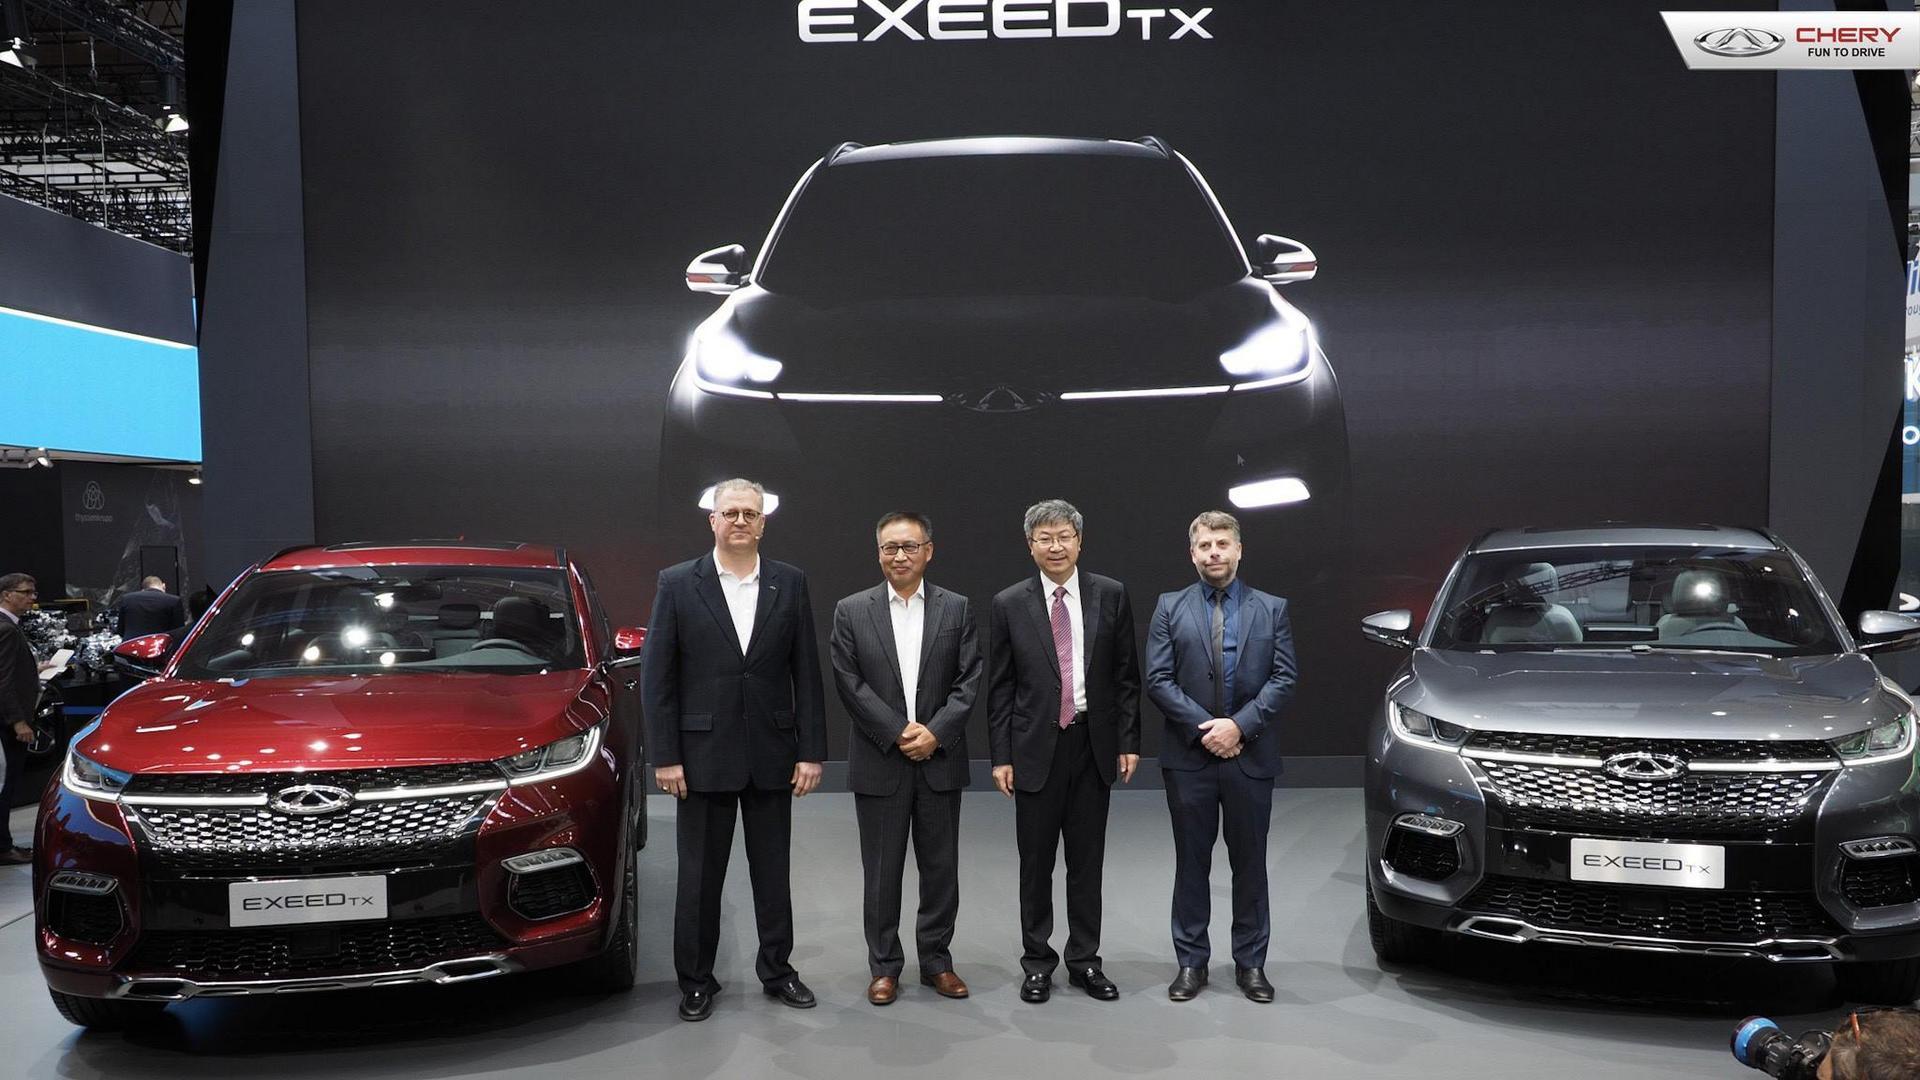 exeed-tx (2)